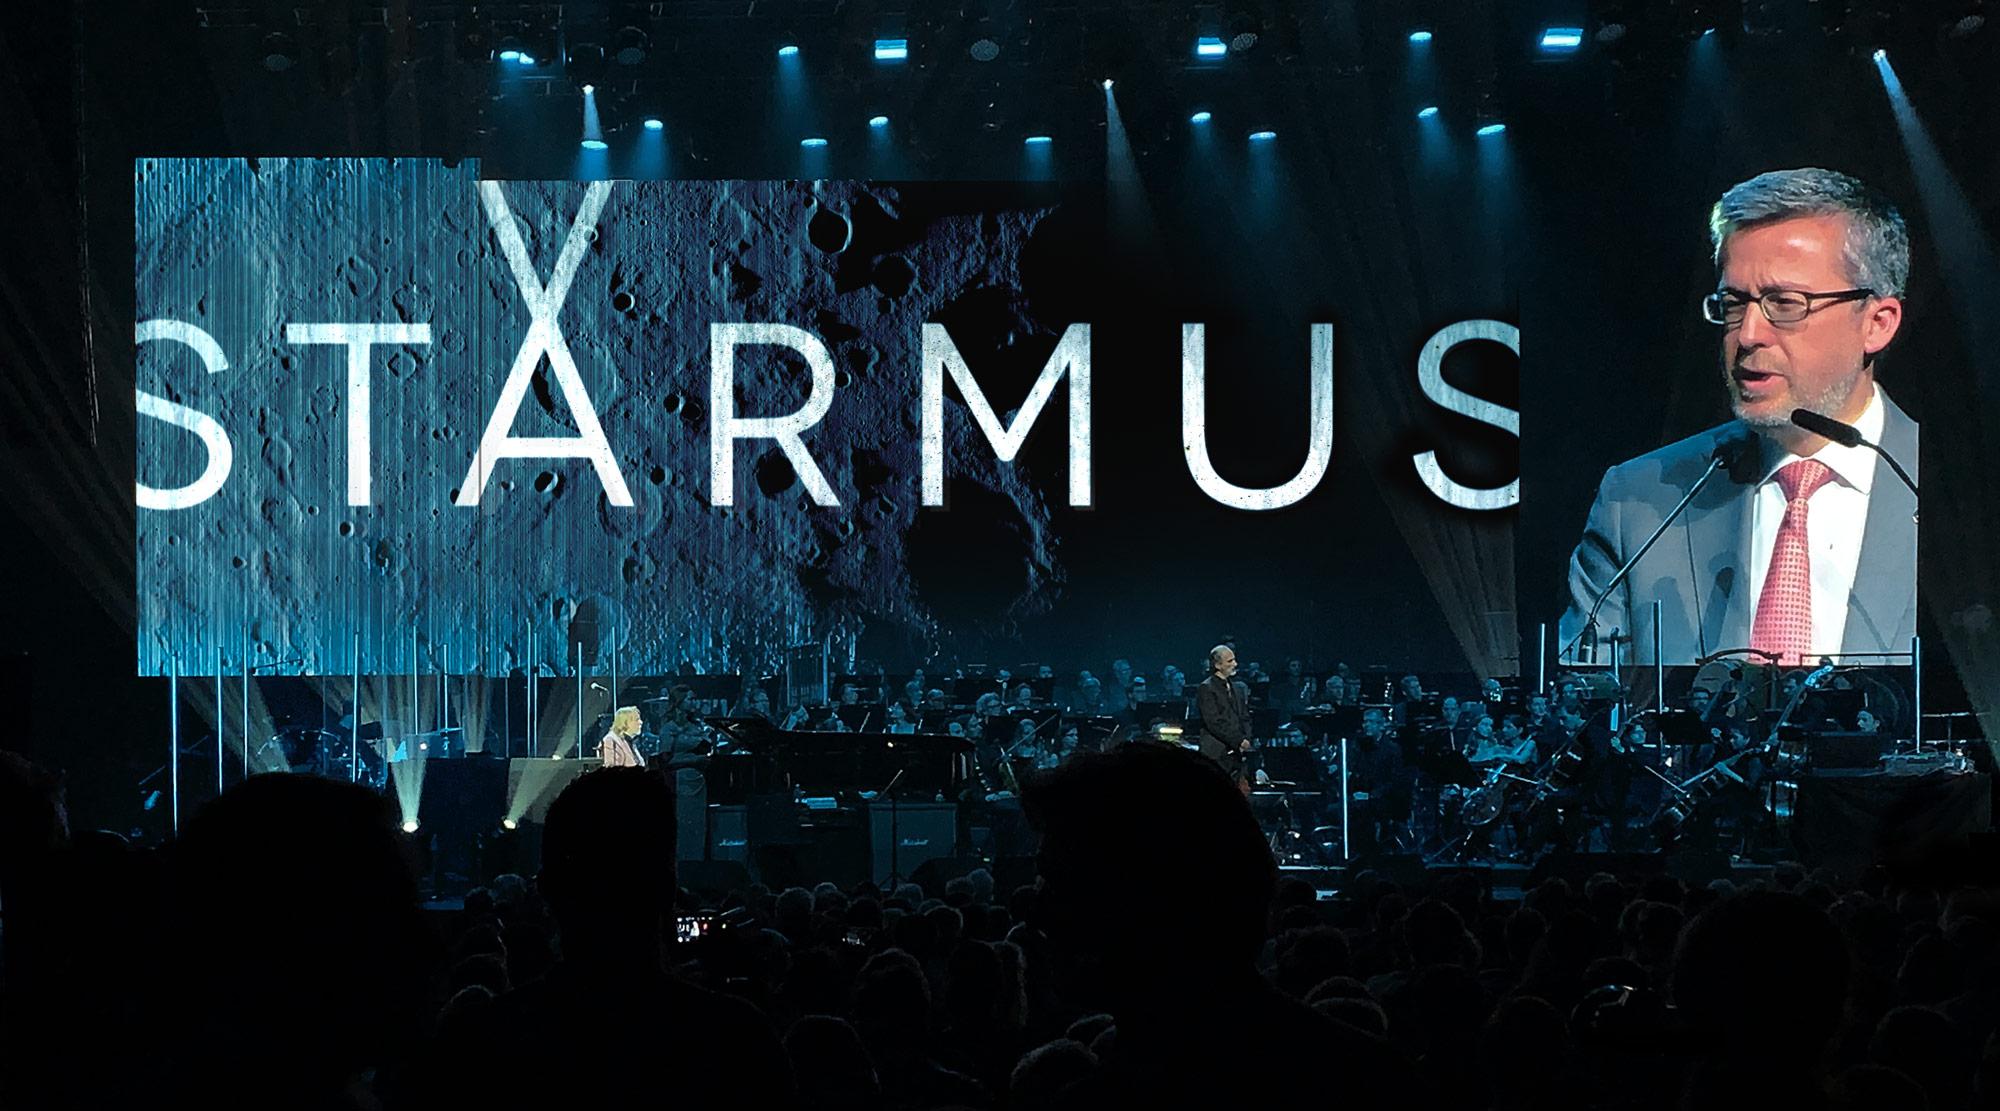 starmus-logo-loop.jpg